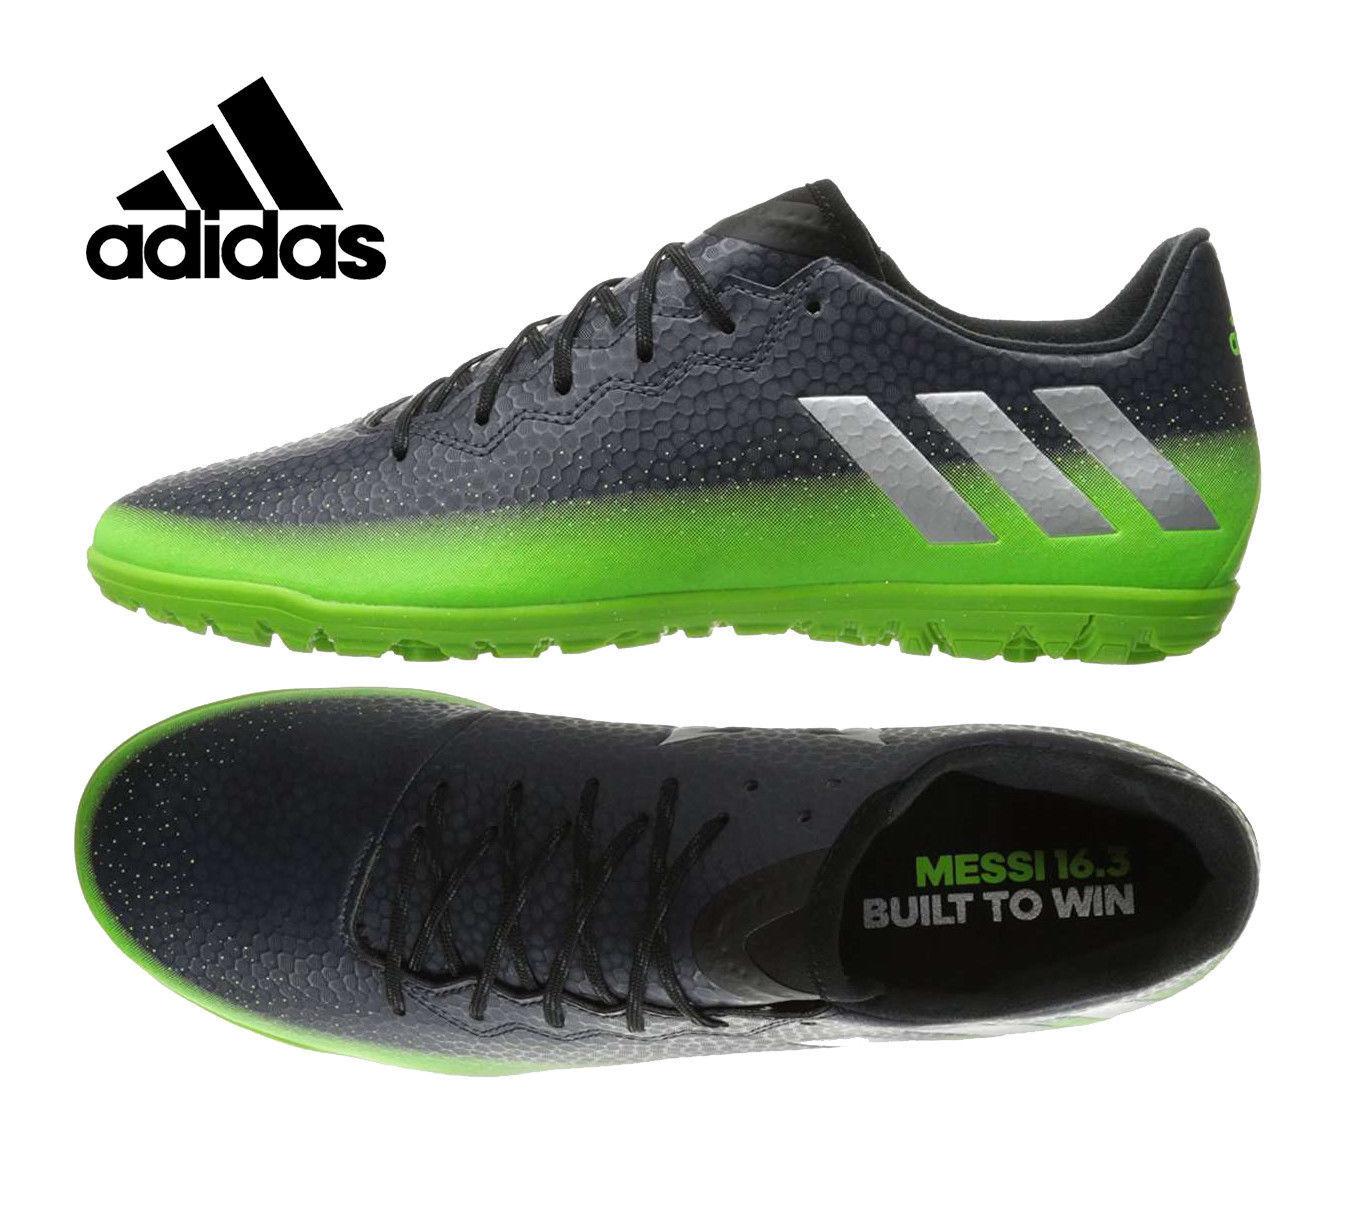 Adidas messi 16,3 16,3 messi Uomo 6,5 per il calcio, football scarpa grigio verde il territorio futsol 6d932b